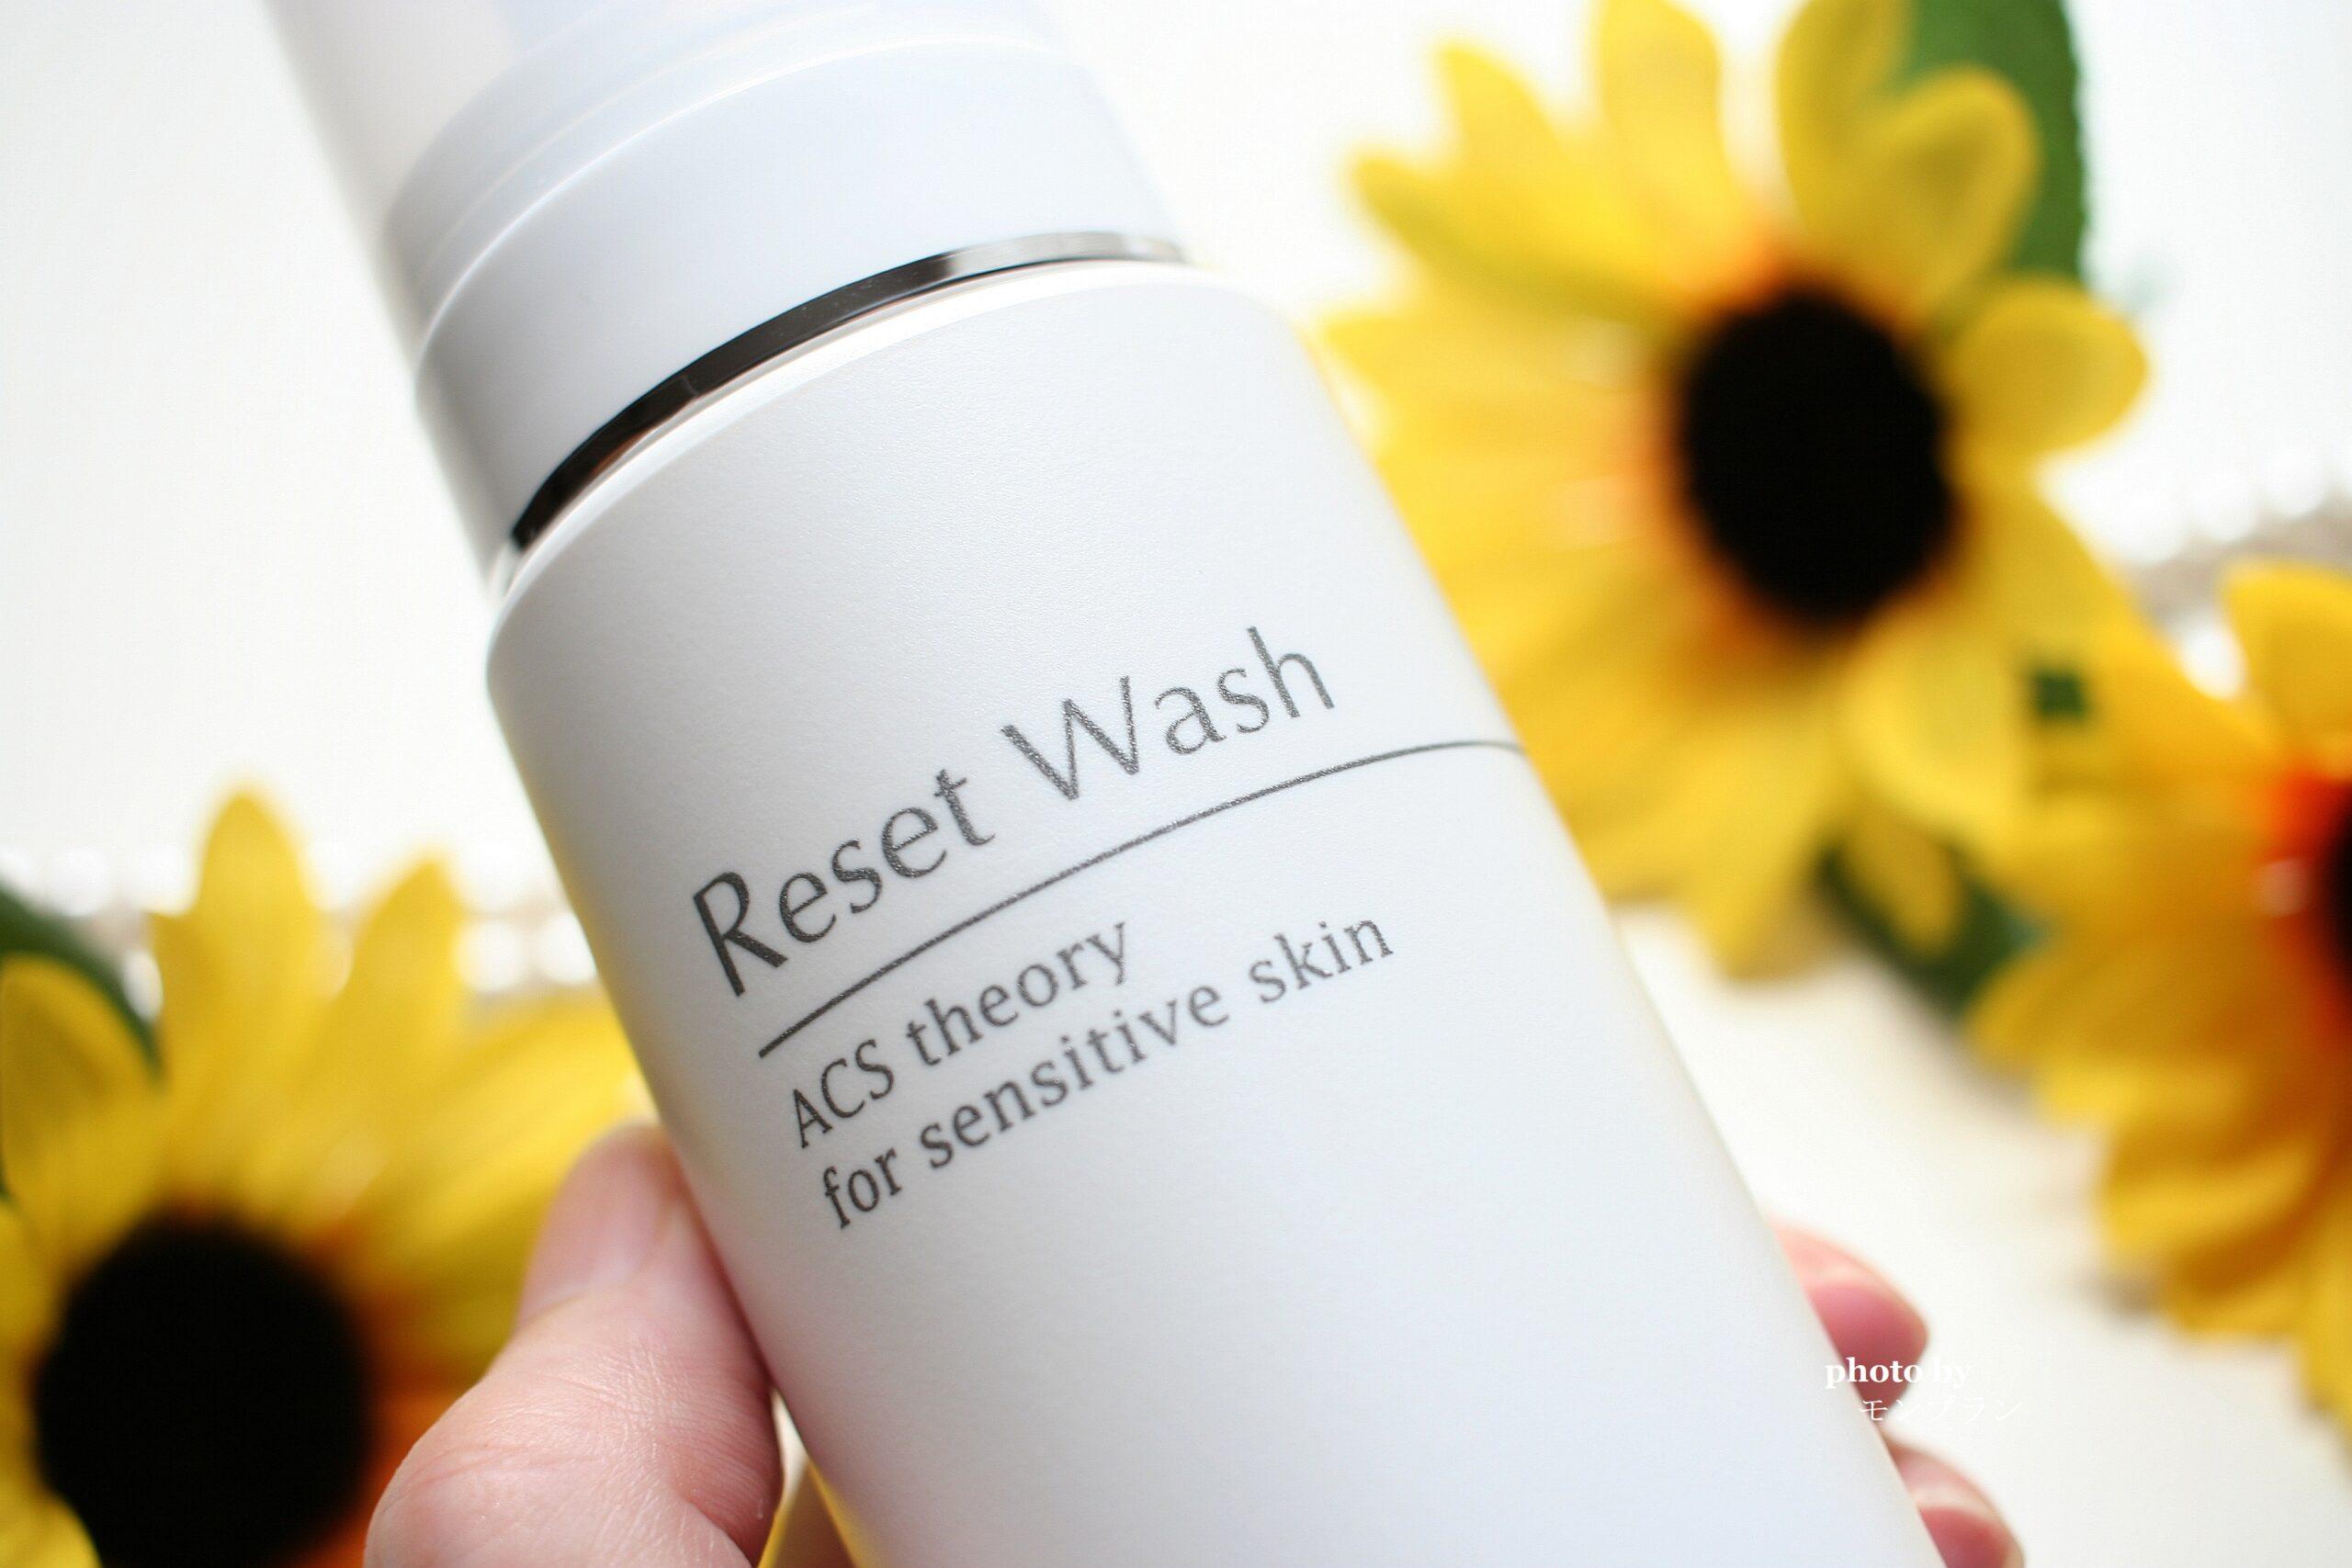 アクセリーヌリセットウォッシュの口コミ・毎日使える泡洗顔料の使い方や効果とは